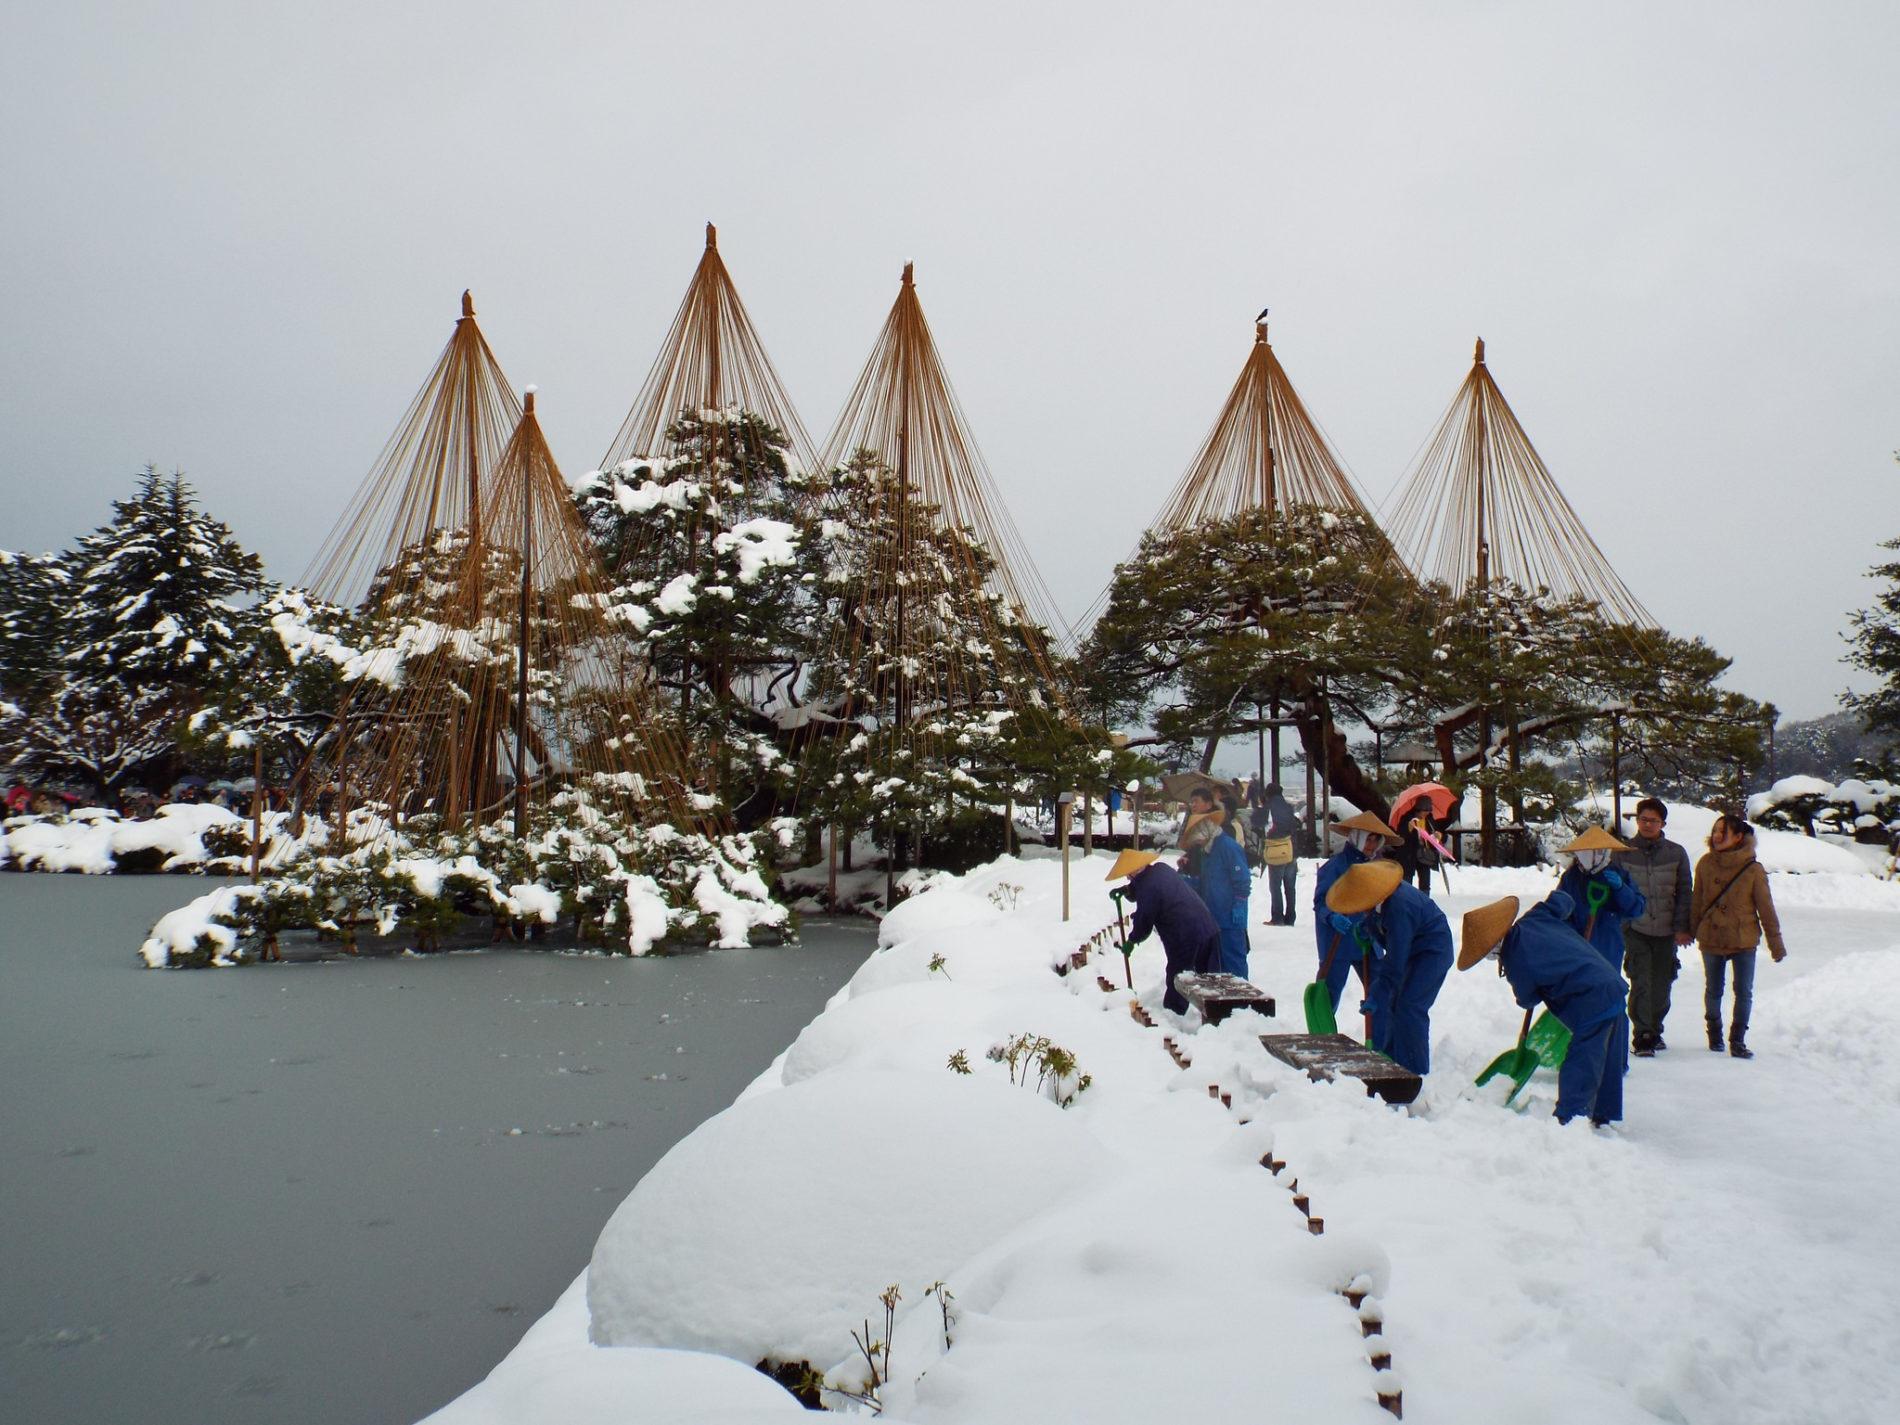 Der Kenroku-en Garten in Kanazawa ist im Winter besonders faszinierend durch die Seilkonstruktionen, die die Bäume vor zu hoher Schneelast sichern sollen. (Foto: Happy Come auf Flickr https://flic.kr/p/qhwwUU CC BY 2.0)